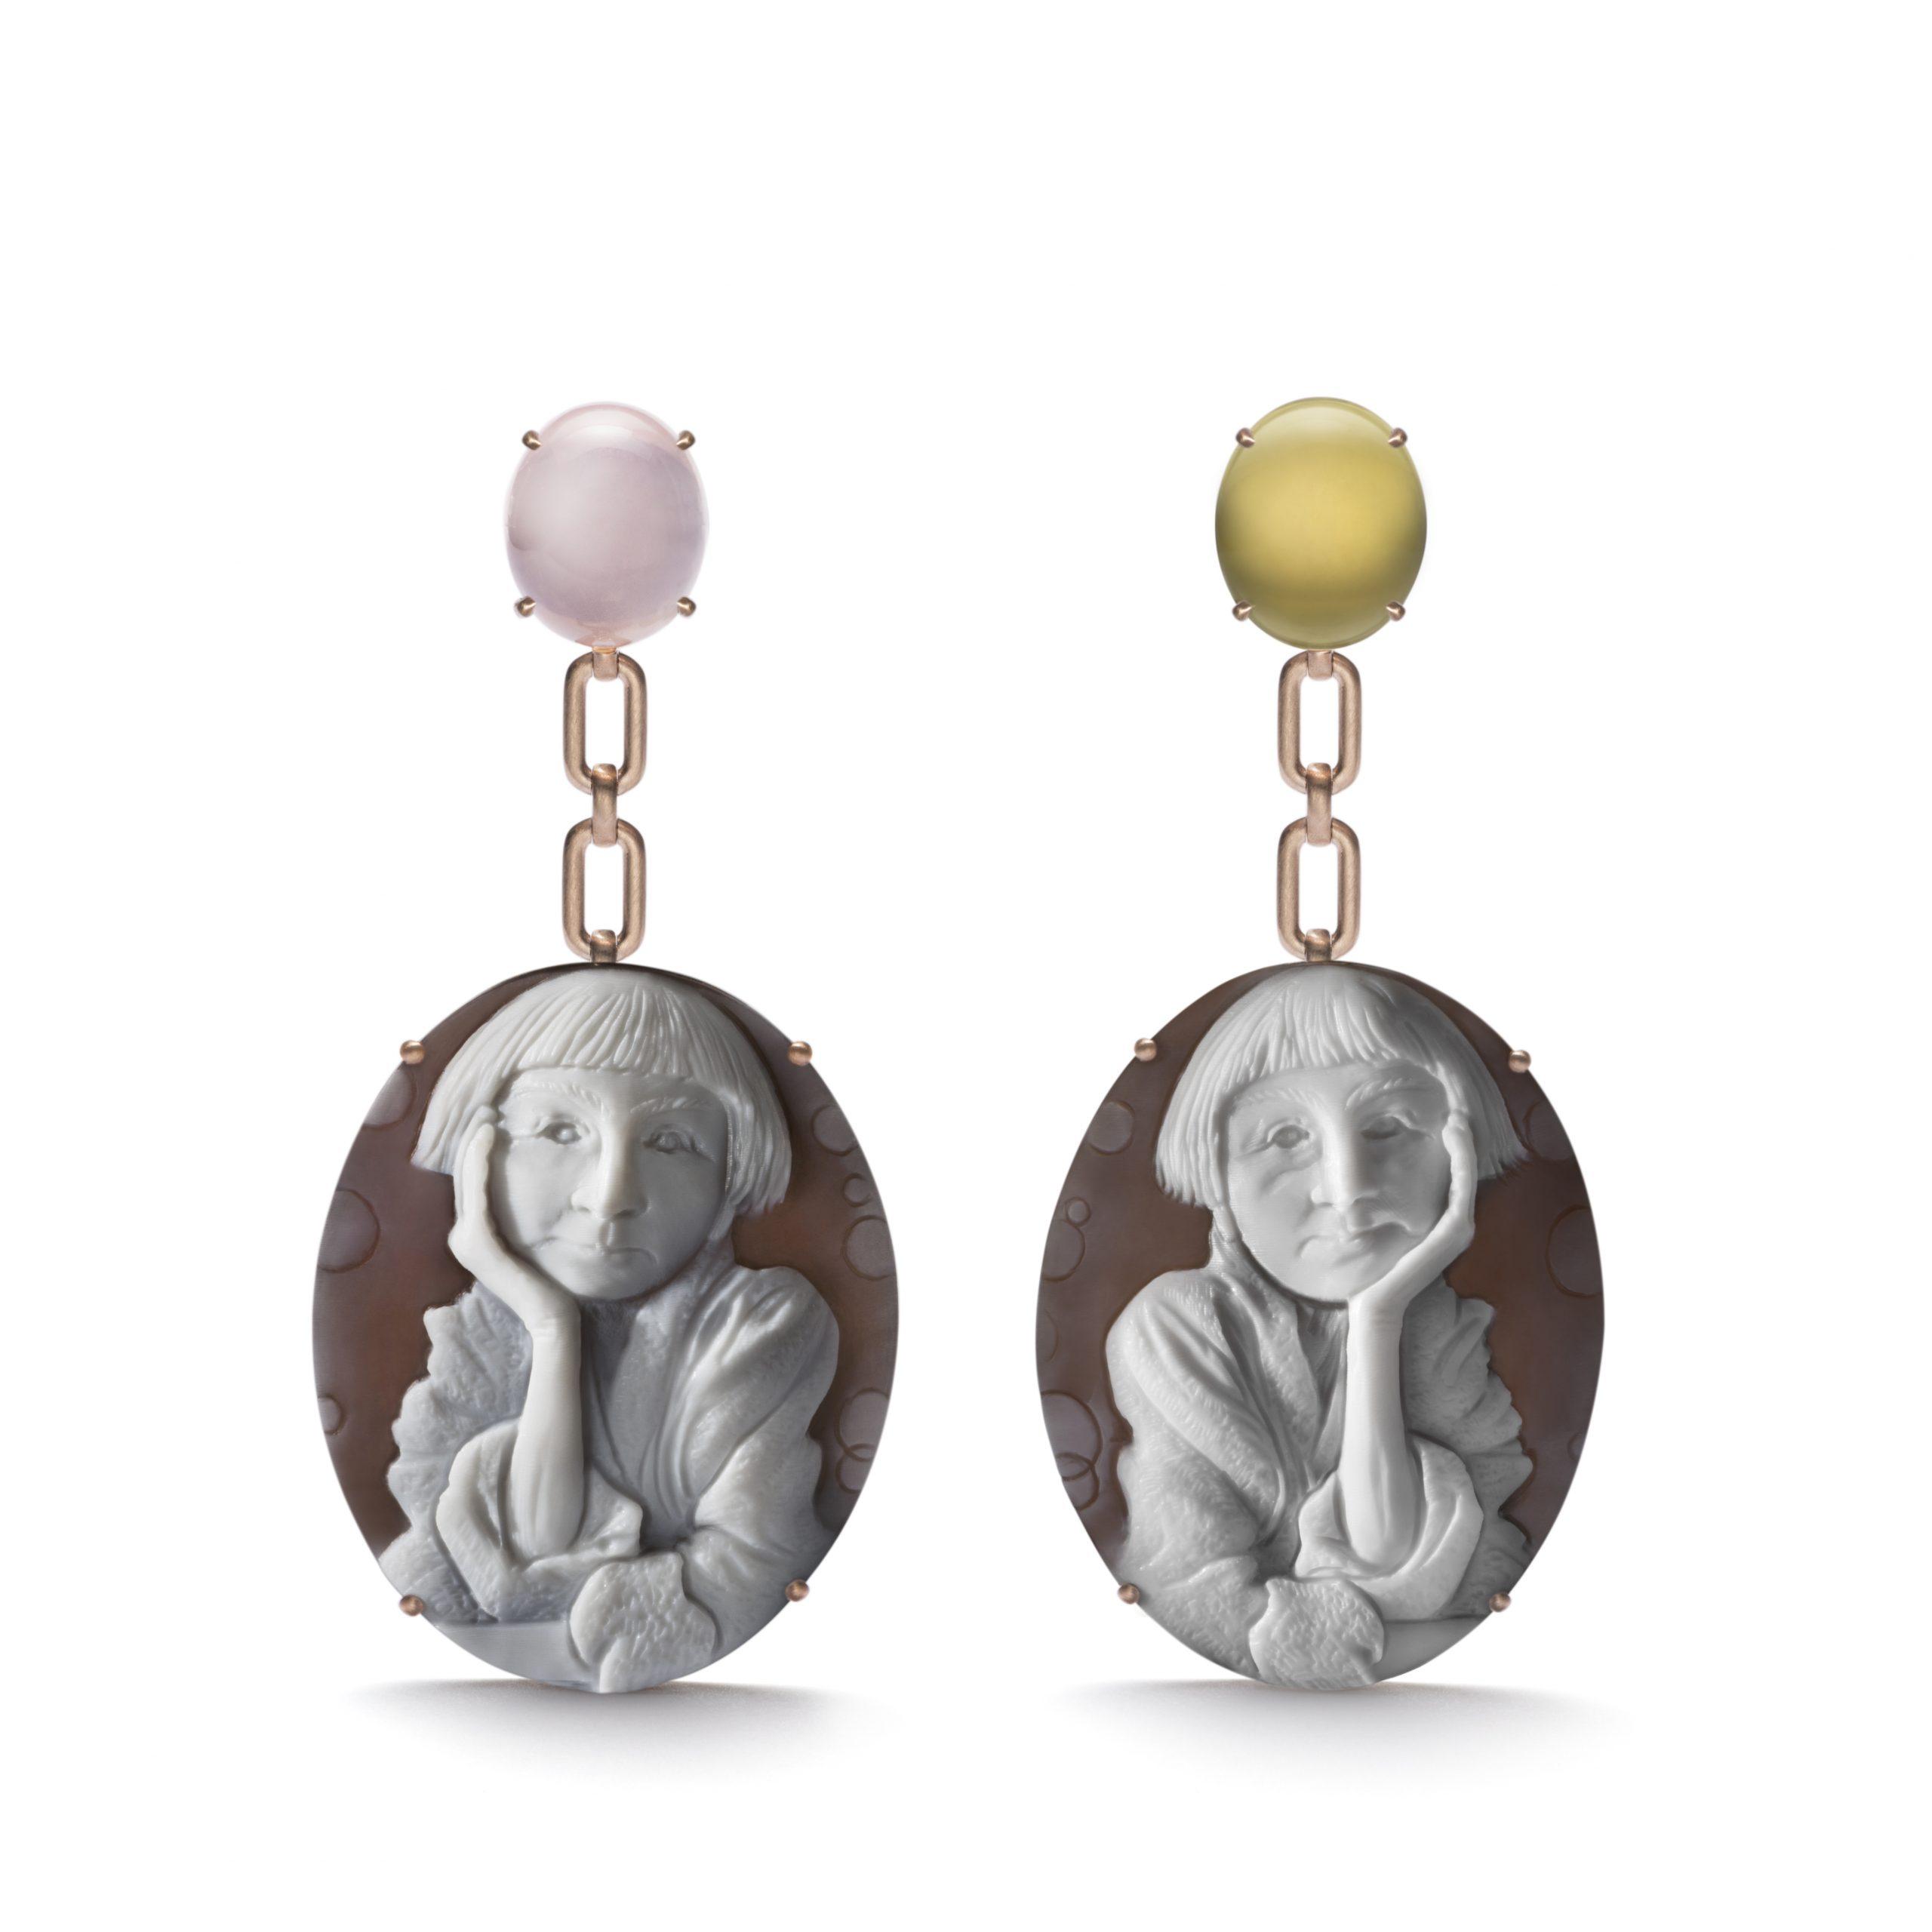 Cindy Sherman earrings, Courtesy of LizWorks